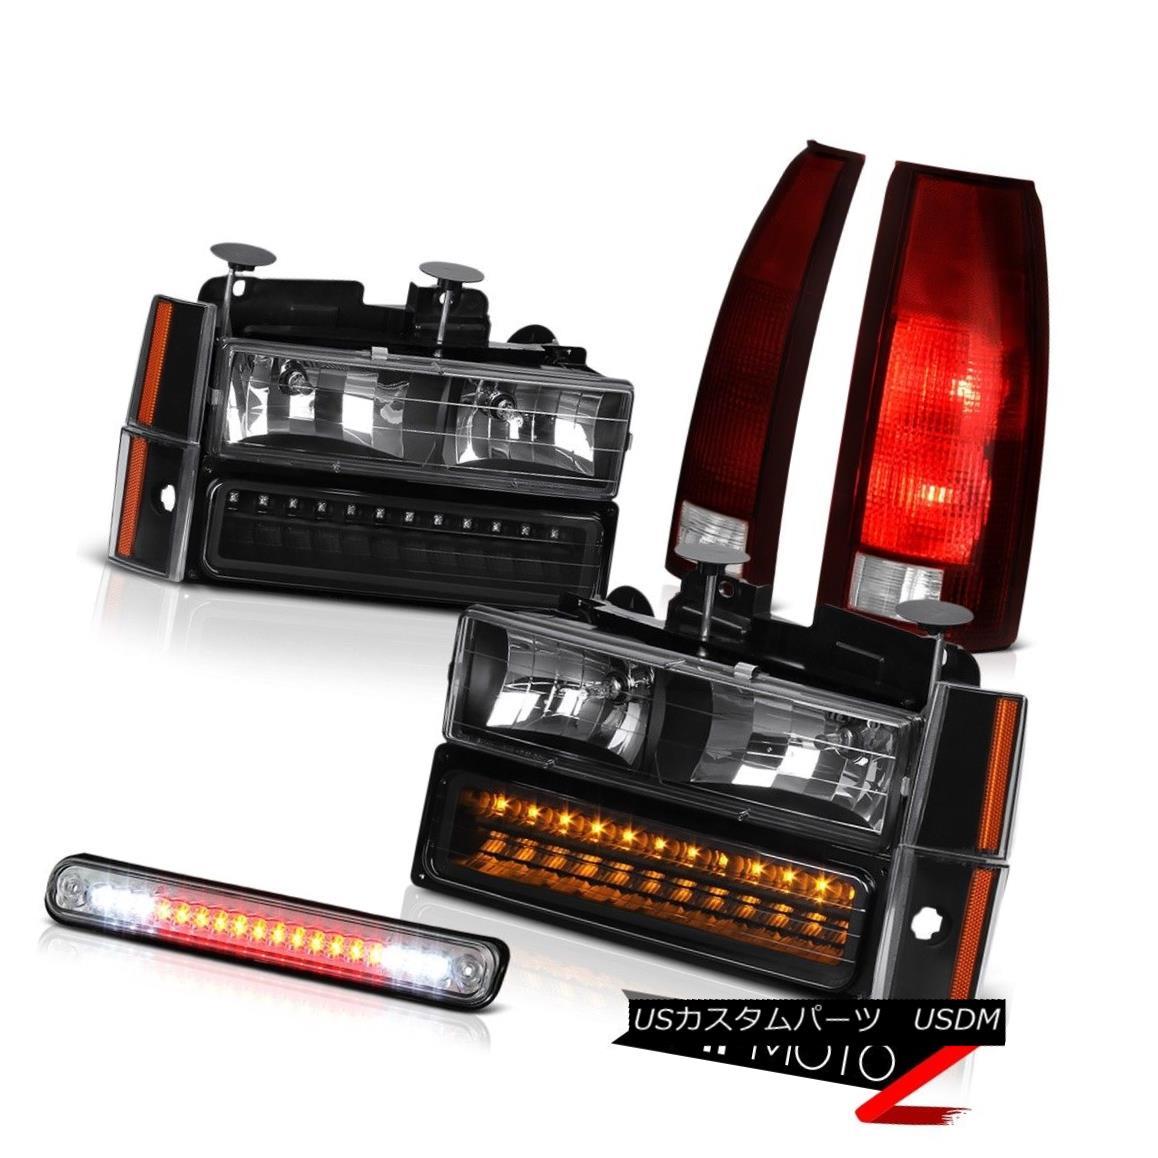 テールライト 88-93 Chevy K3500 Chrome Third Brake Lamp Tail Lamps Headlights Signal Parking 88-93 Chevy K3500 Chrome第3ブレーキランプテールランプヘッドライト信号駐車